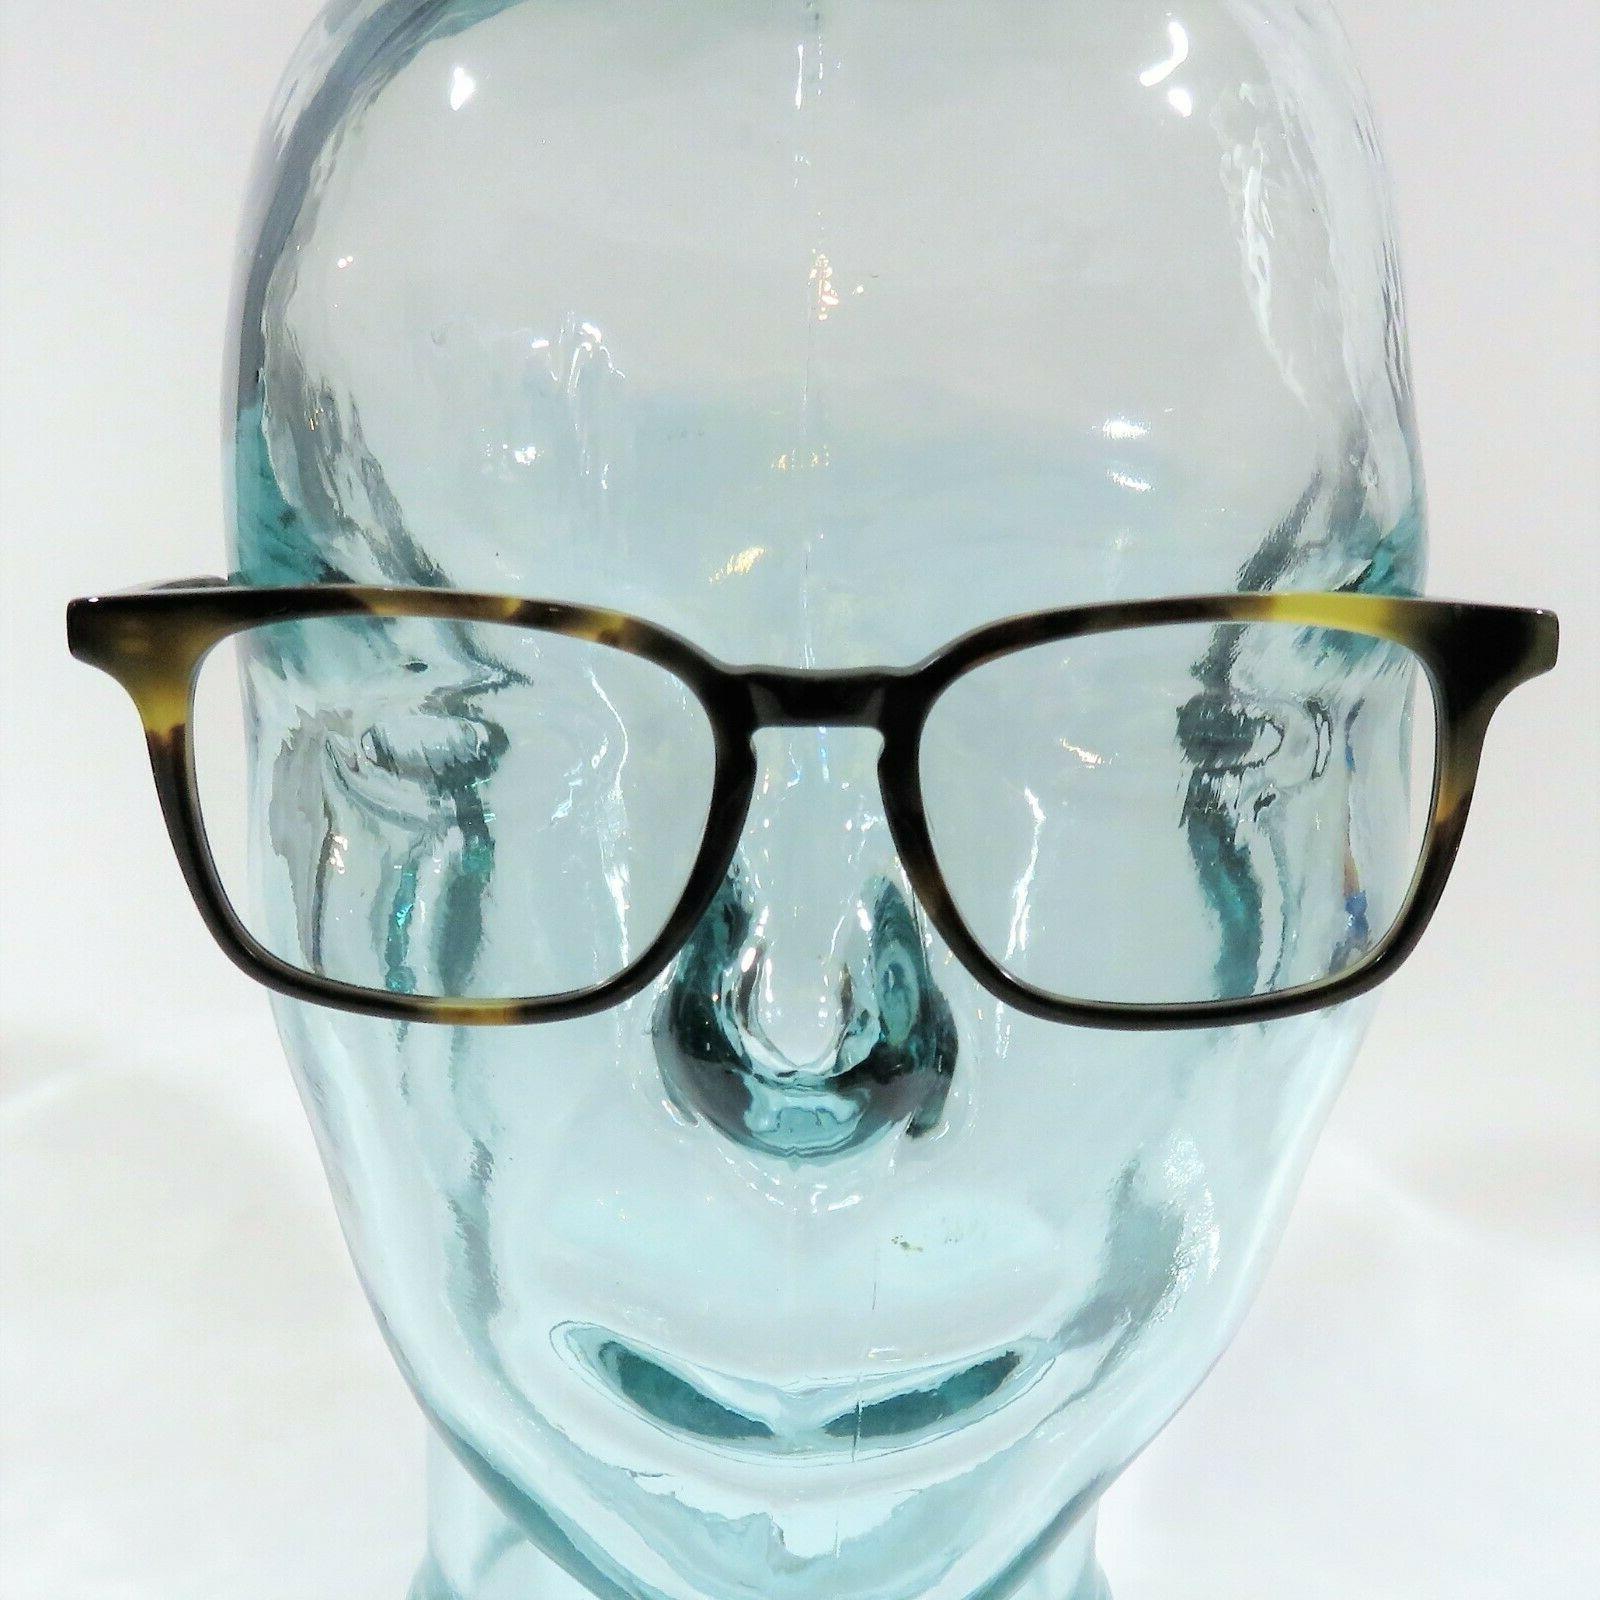 New GRAY Eyeglasses RX Whiskey 49-17-140